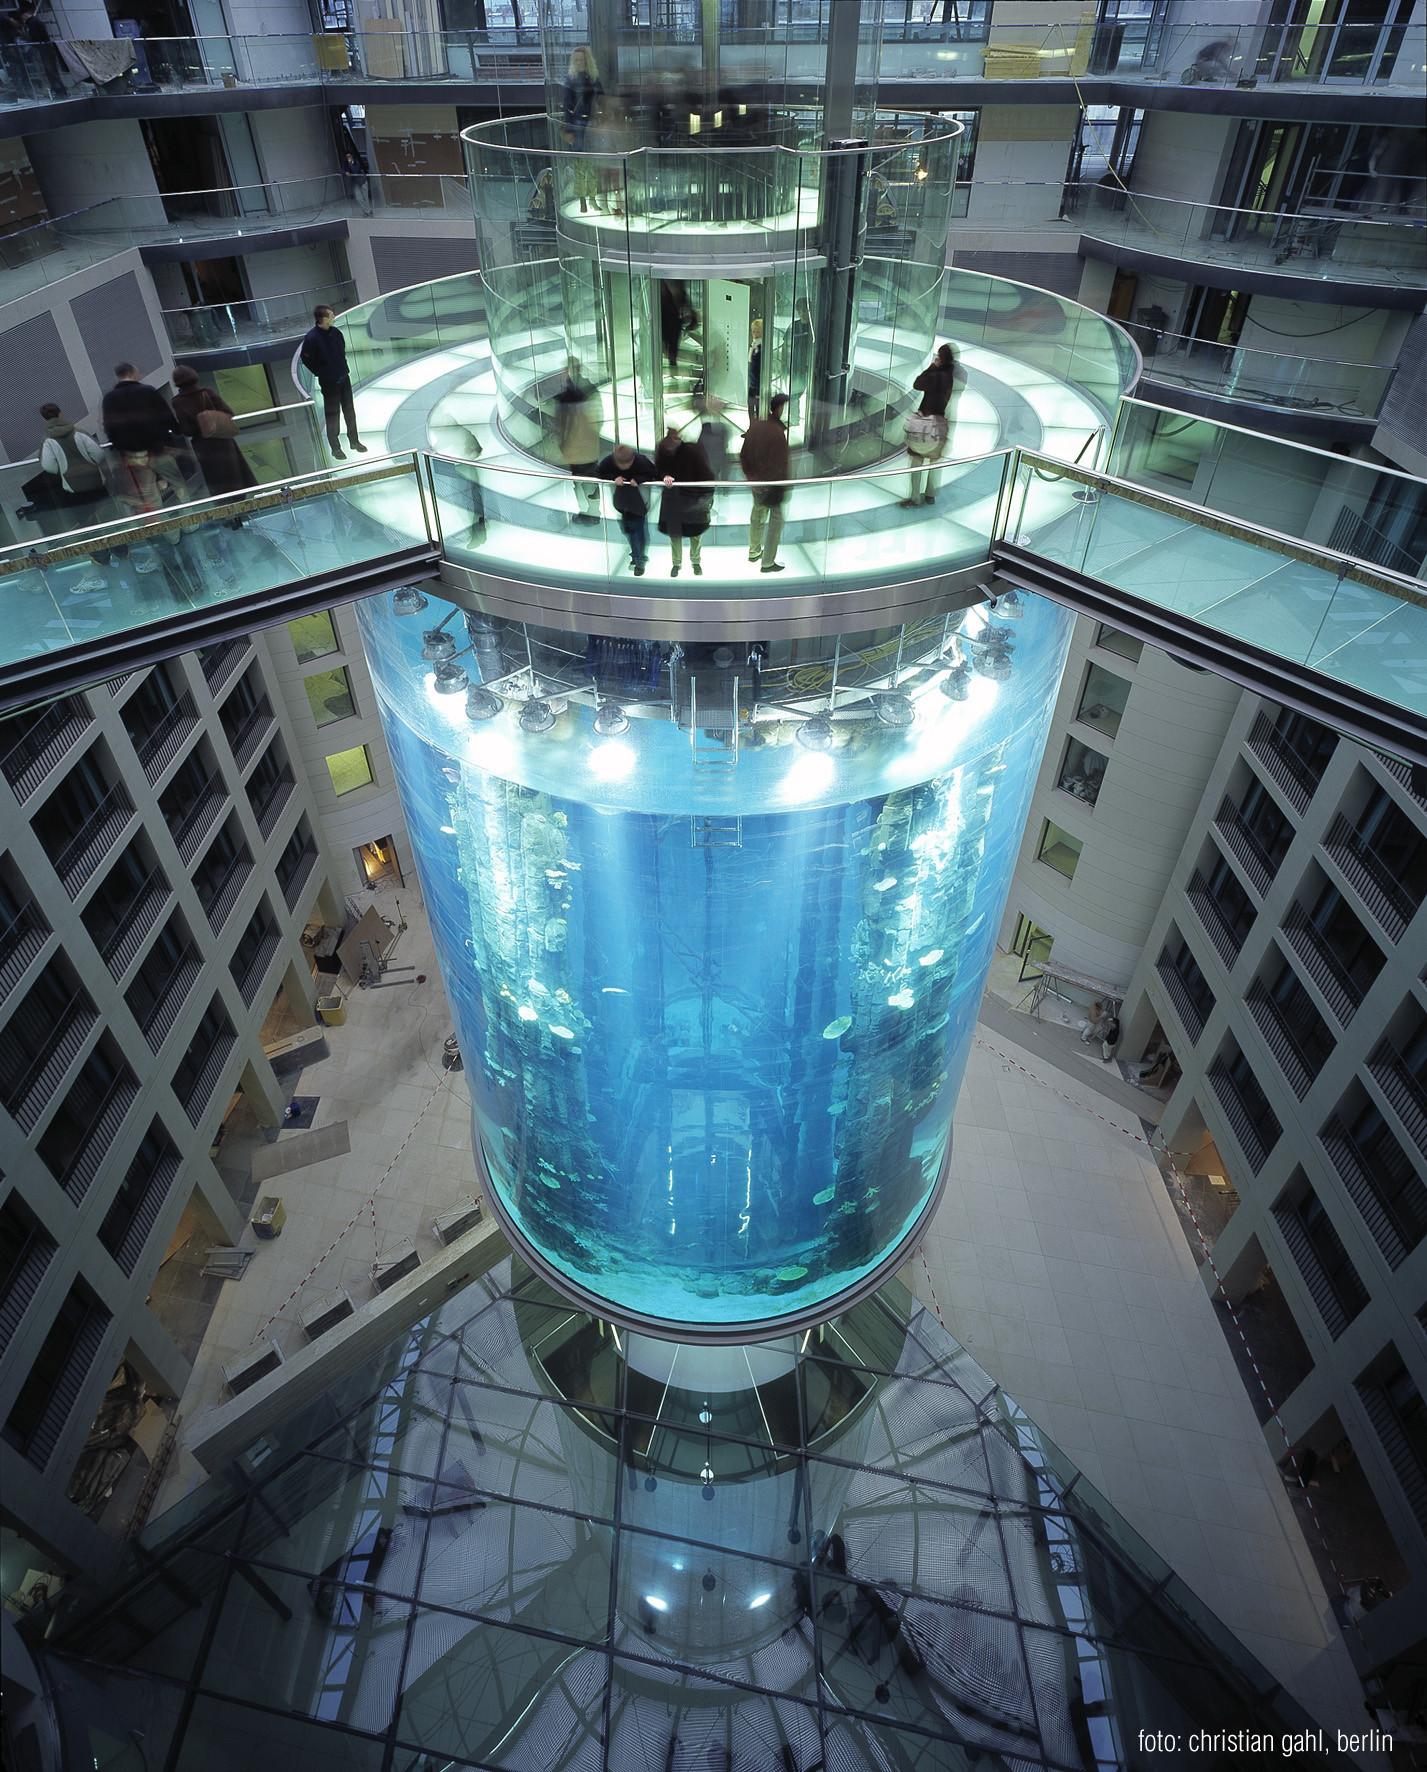 Largest Berlin Aquarium in the World